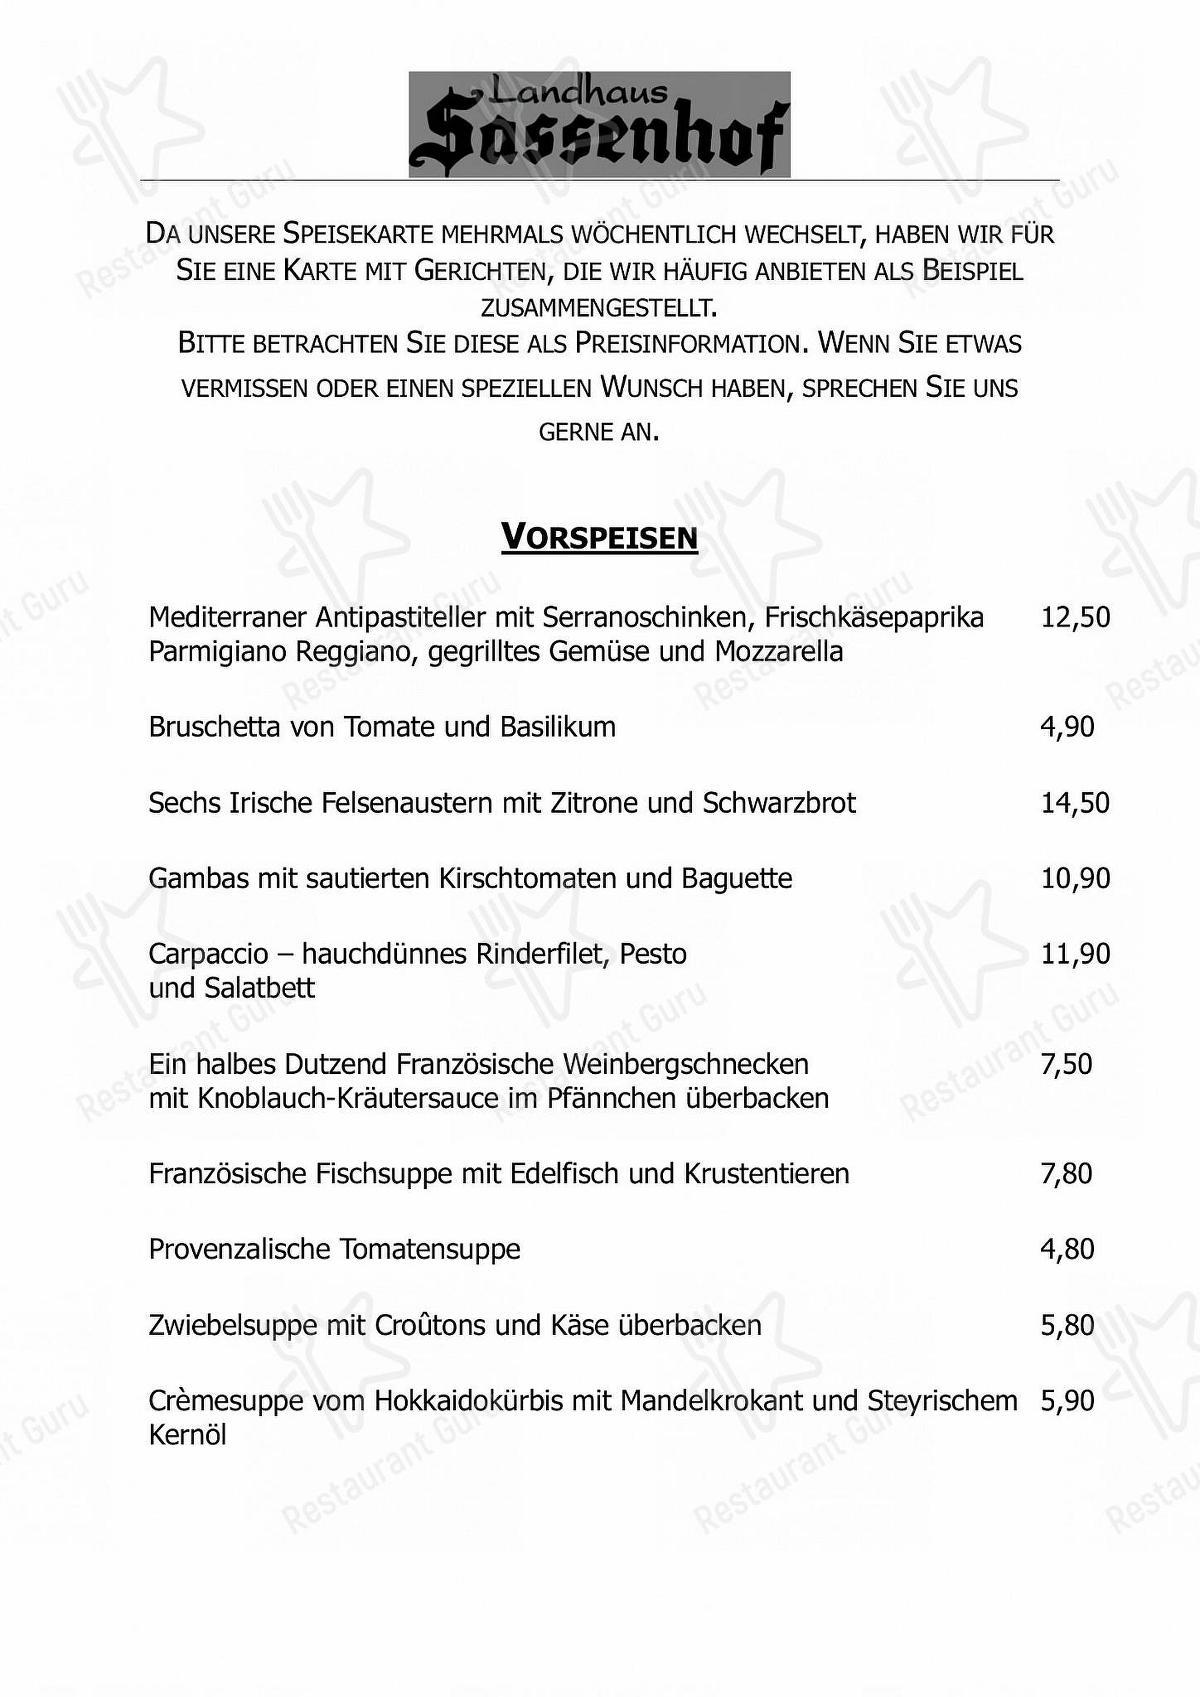 Seht euch die Speisekarte von Landhaus Sassenhof an